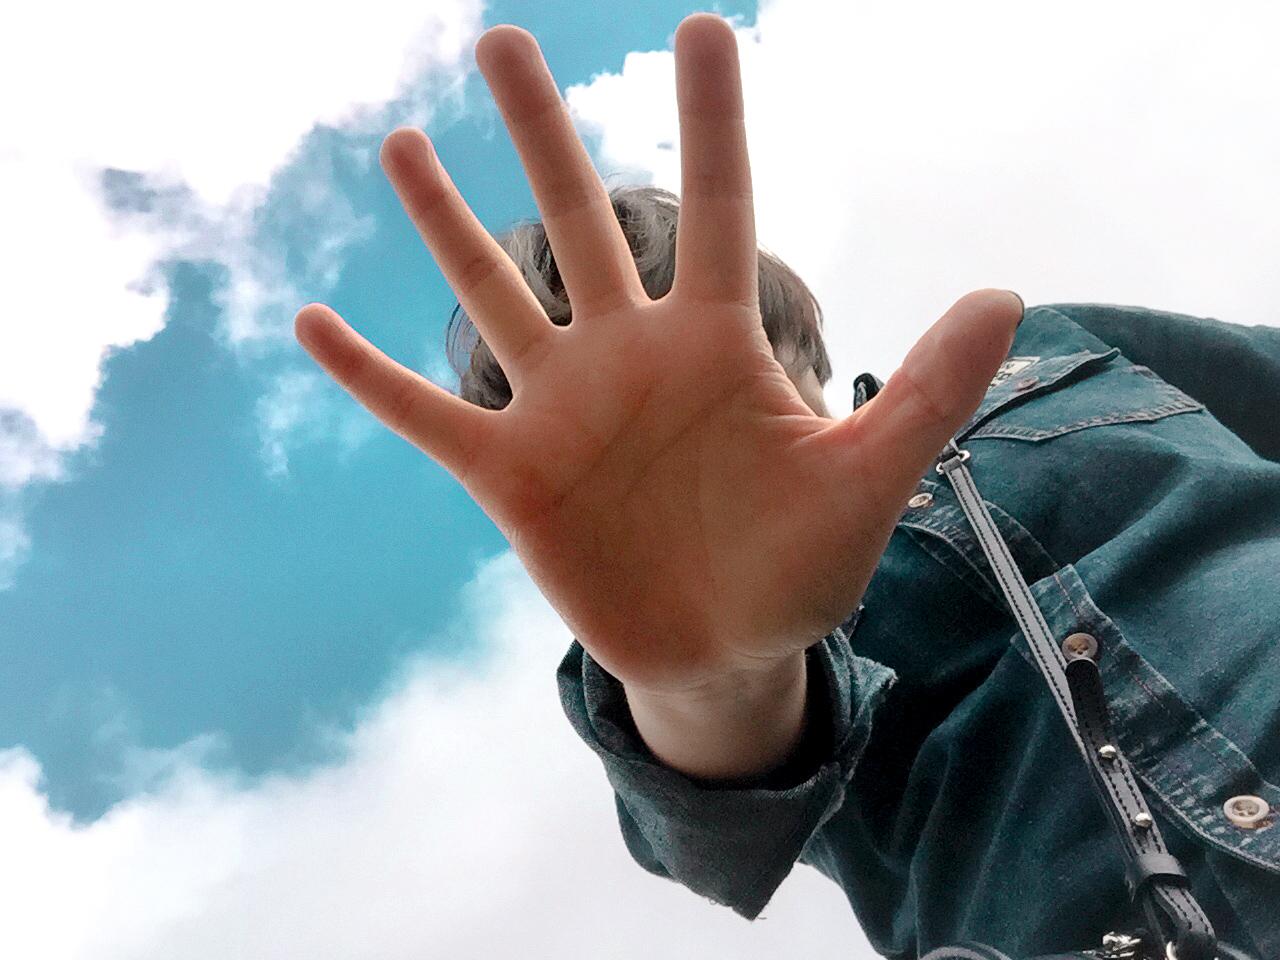 대관령 양 떼 목장 하늘 구름